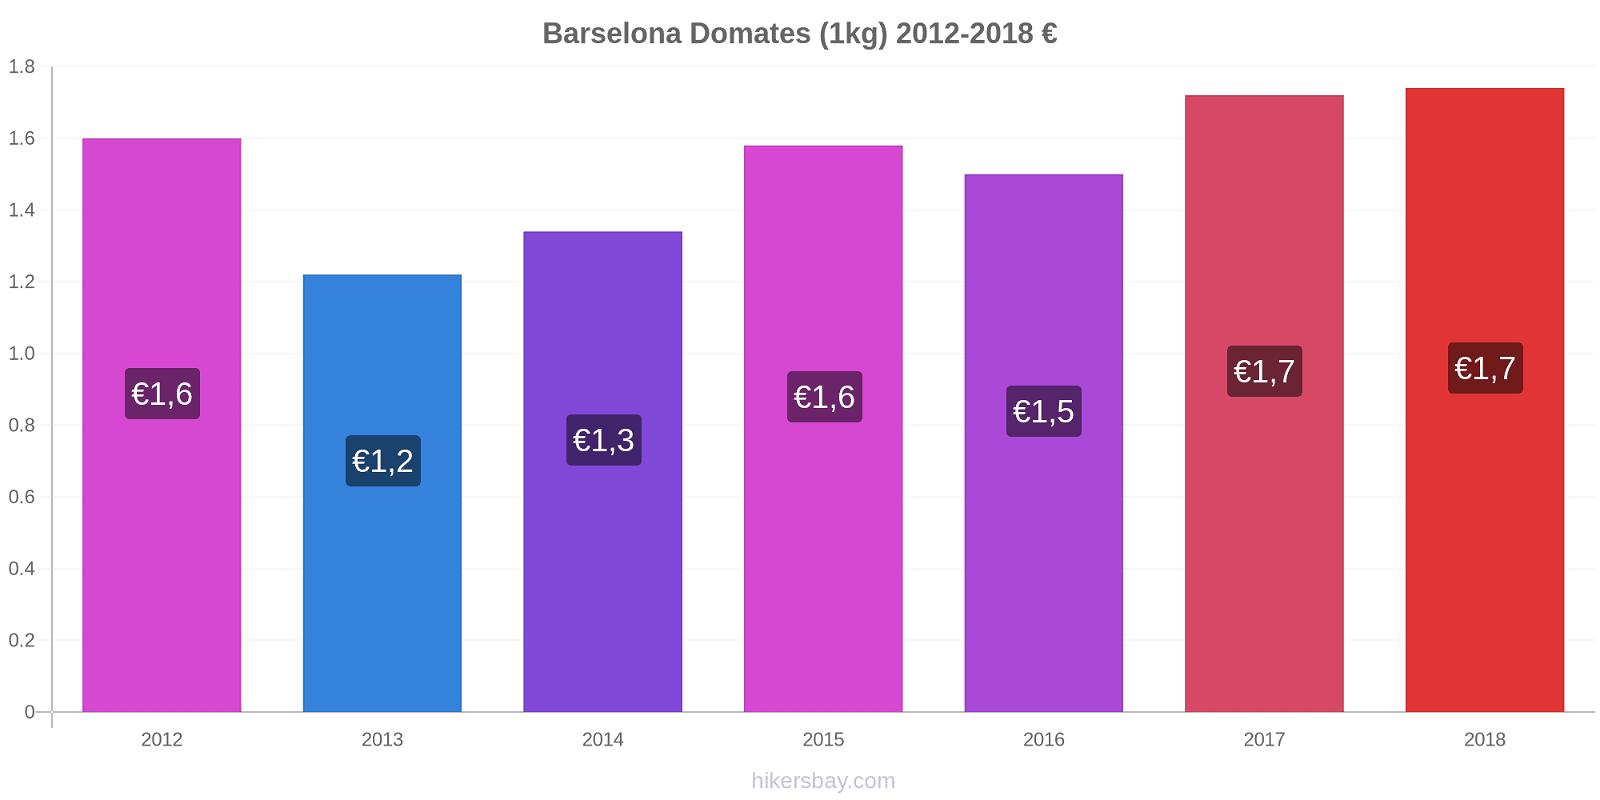 Barselona fiyat değişiklikleri Domates (1kg) hikersbay.com